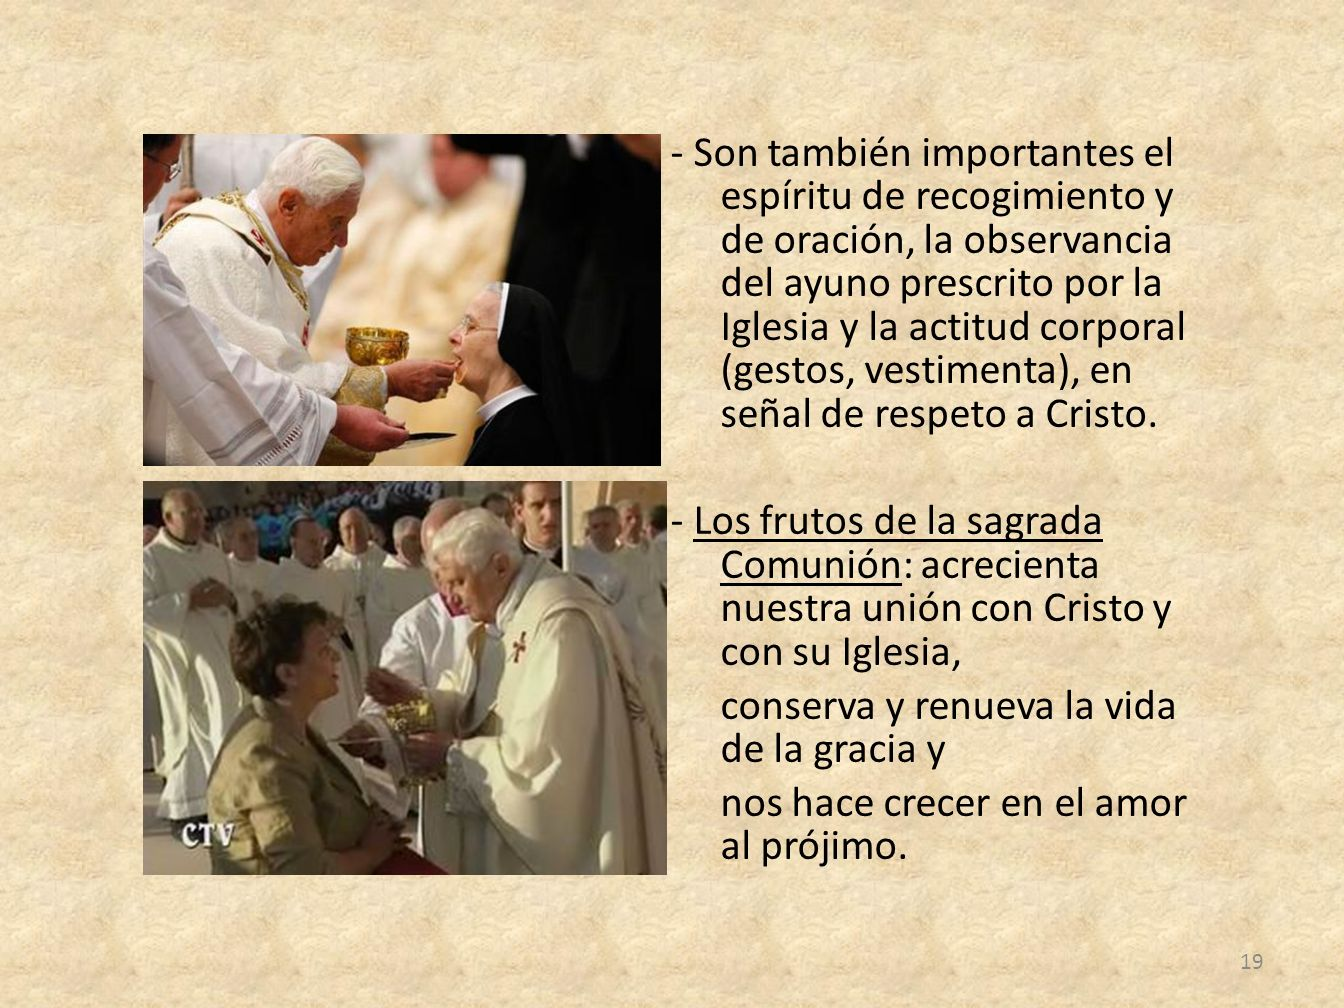 - Son también importantes el espíritu de recogimiento y de oración, la observancia del ayuno prescrito por la Iglesia y la actitud corporal (gestos, vestimenta), en señal de respeto a Cristo.